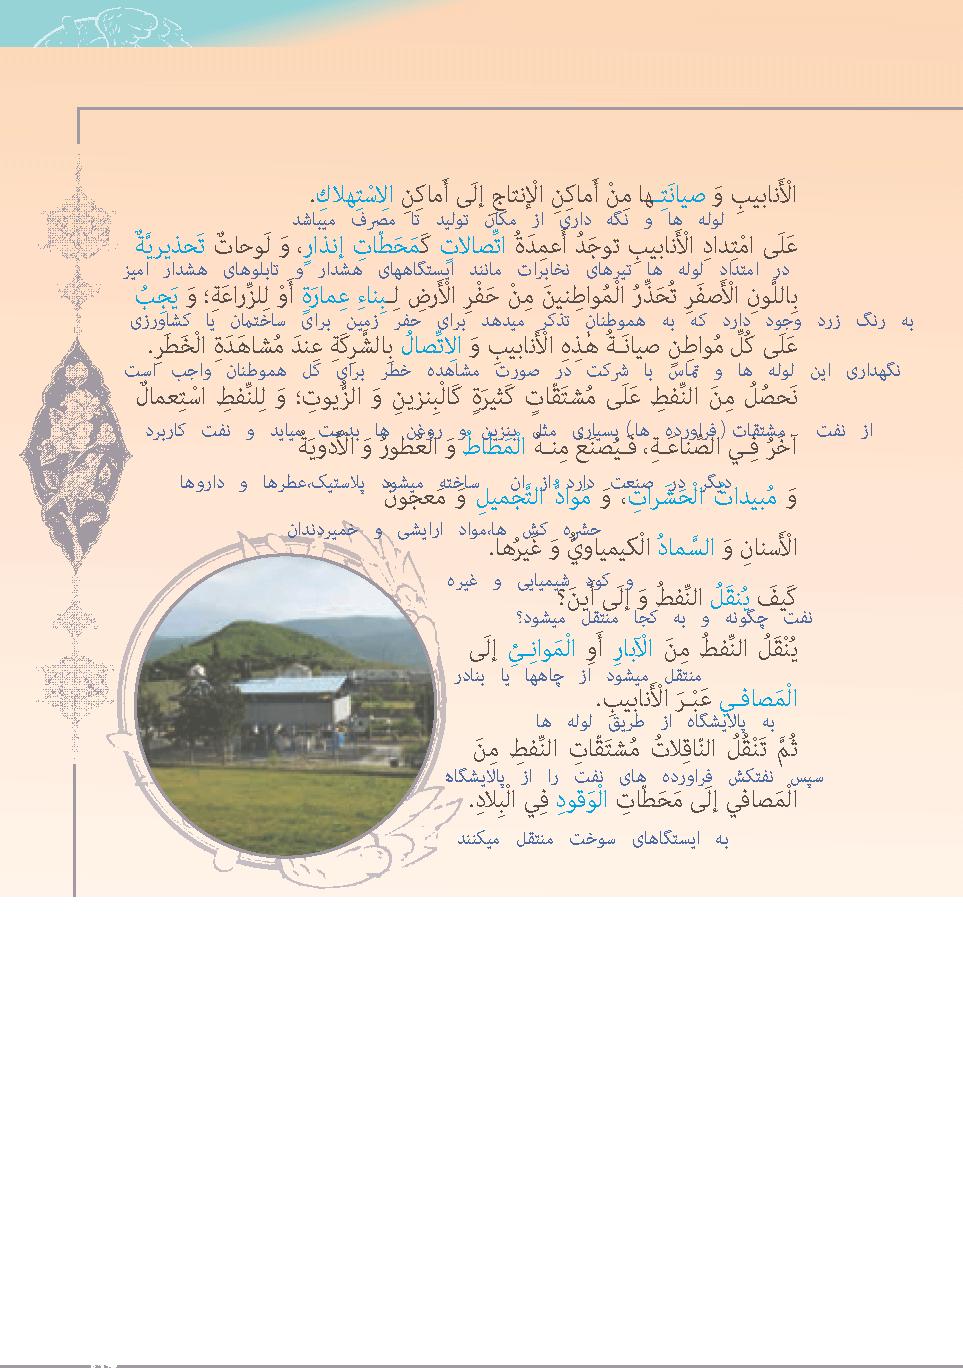 ادامه ترجمه درس 7 عربی دهم انسانی